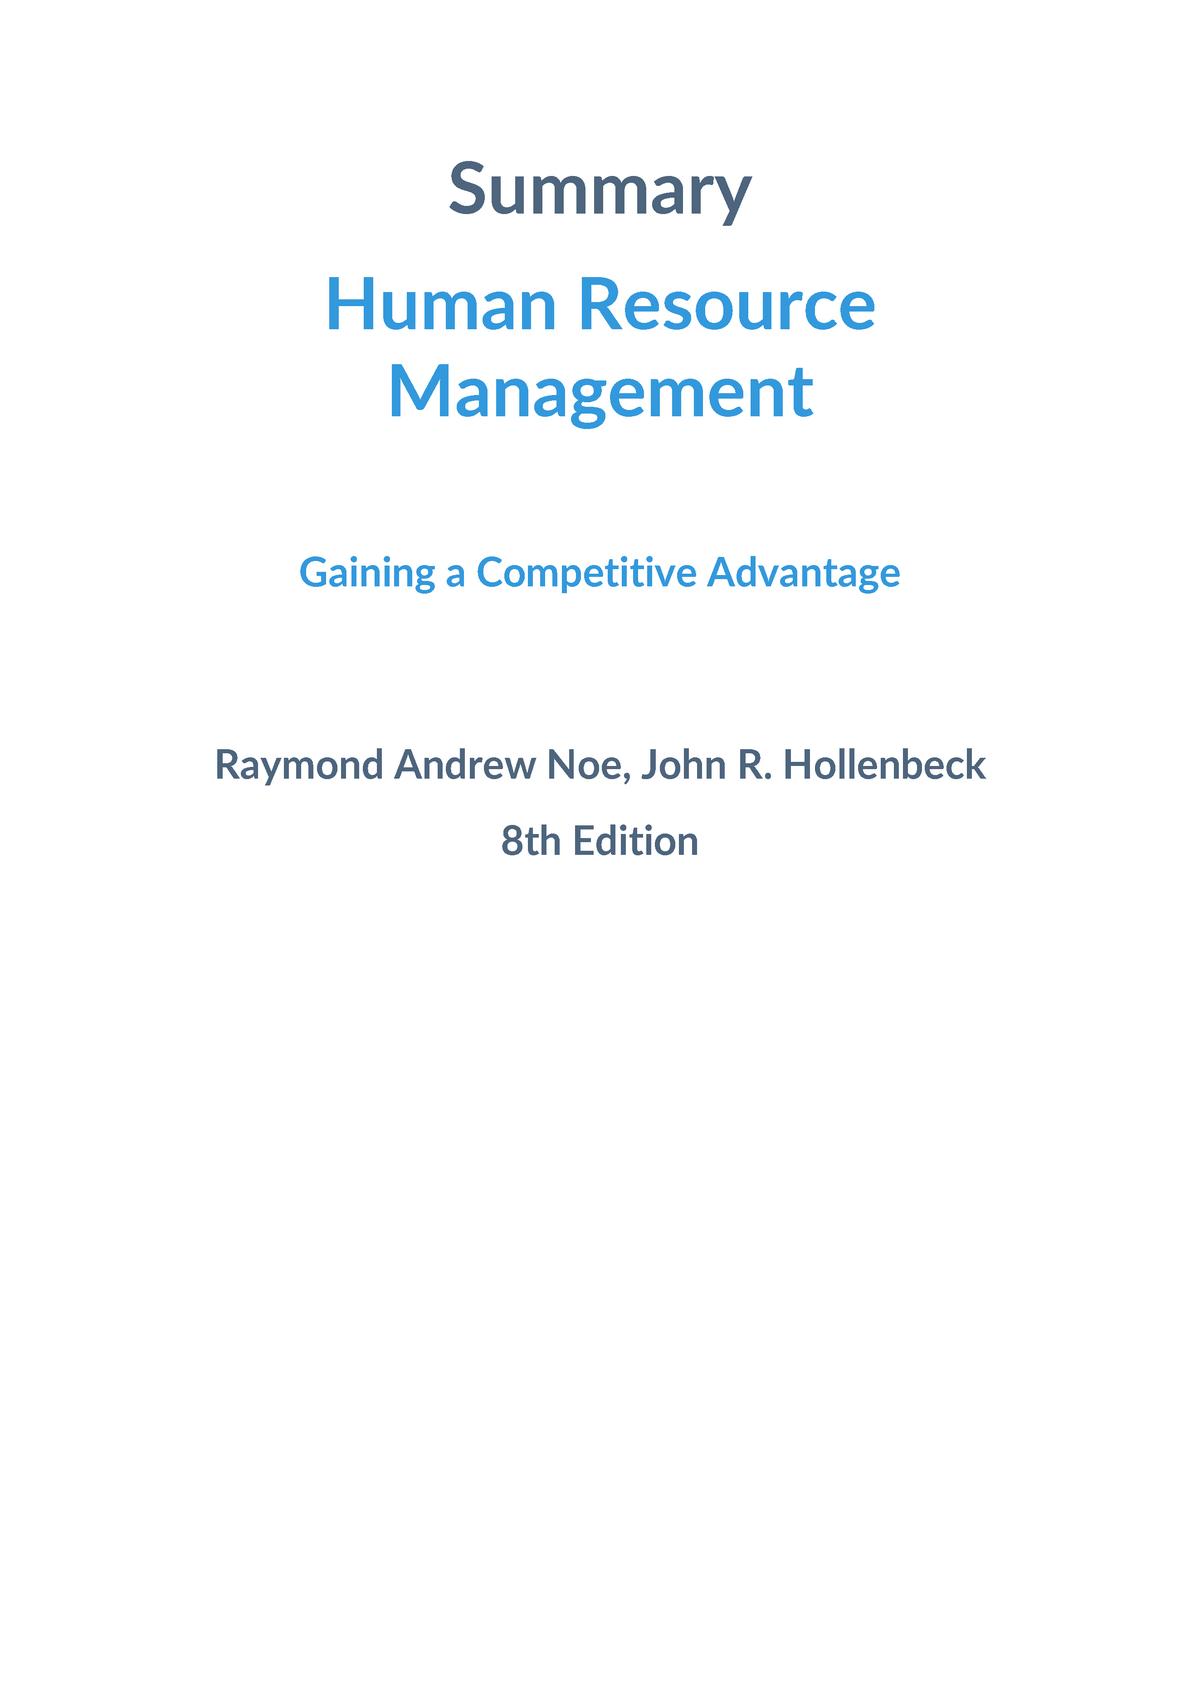 Summary Human Resource Management - Raymond Andrew Noe, John